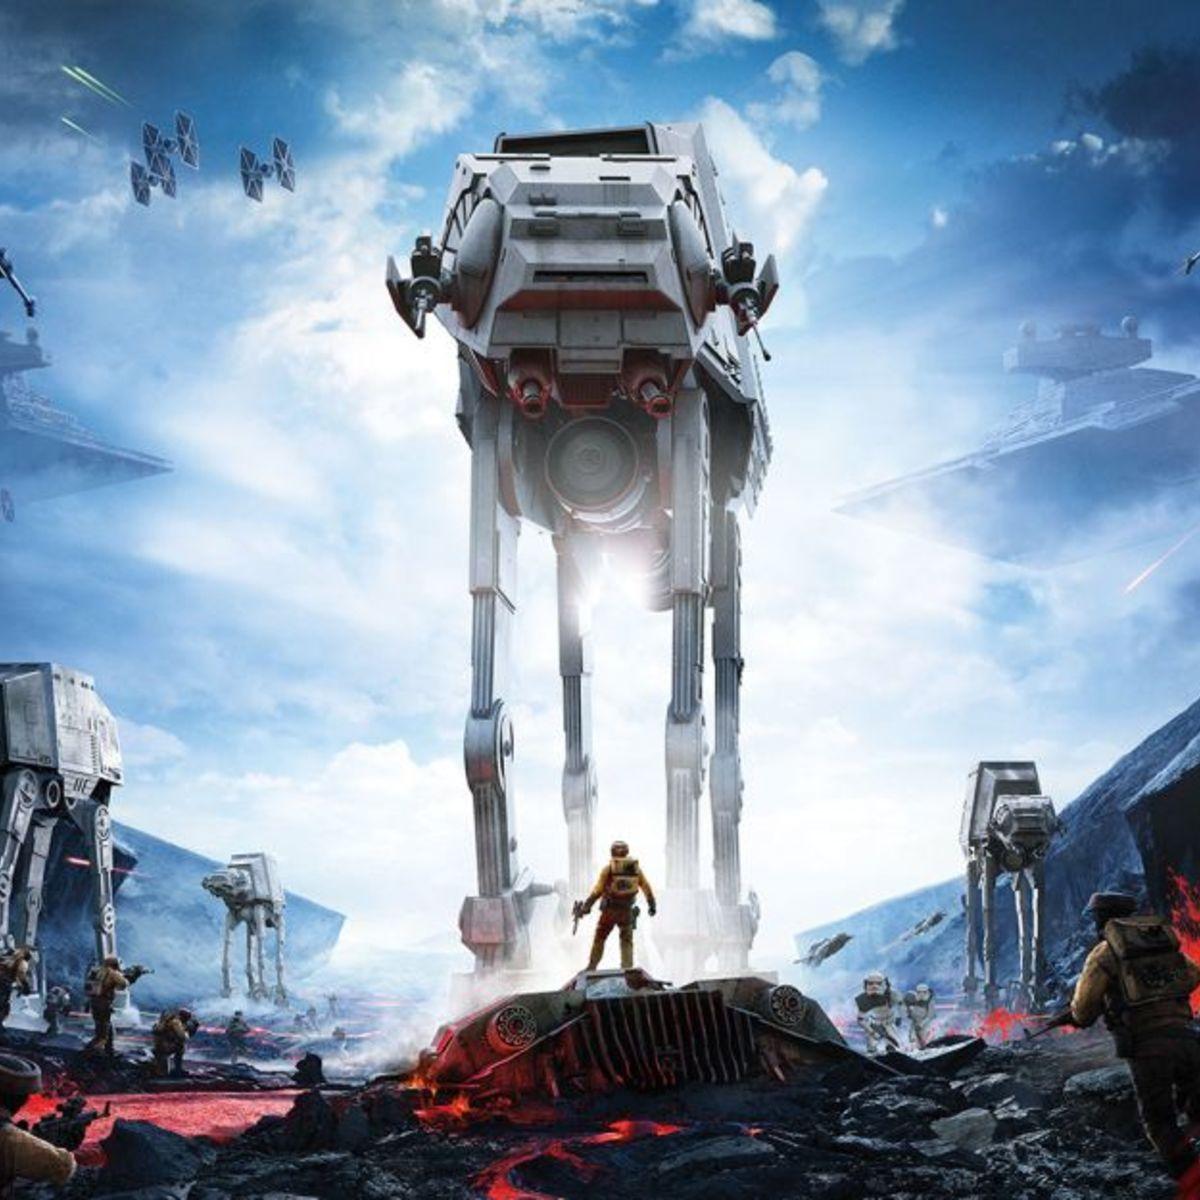 Star-Wars-Battlefront_2015_04-16-15_002.jpg